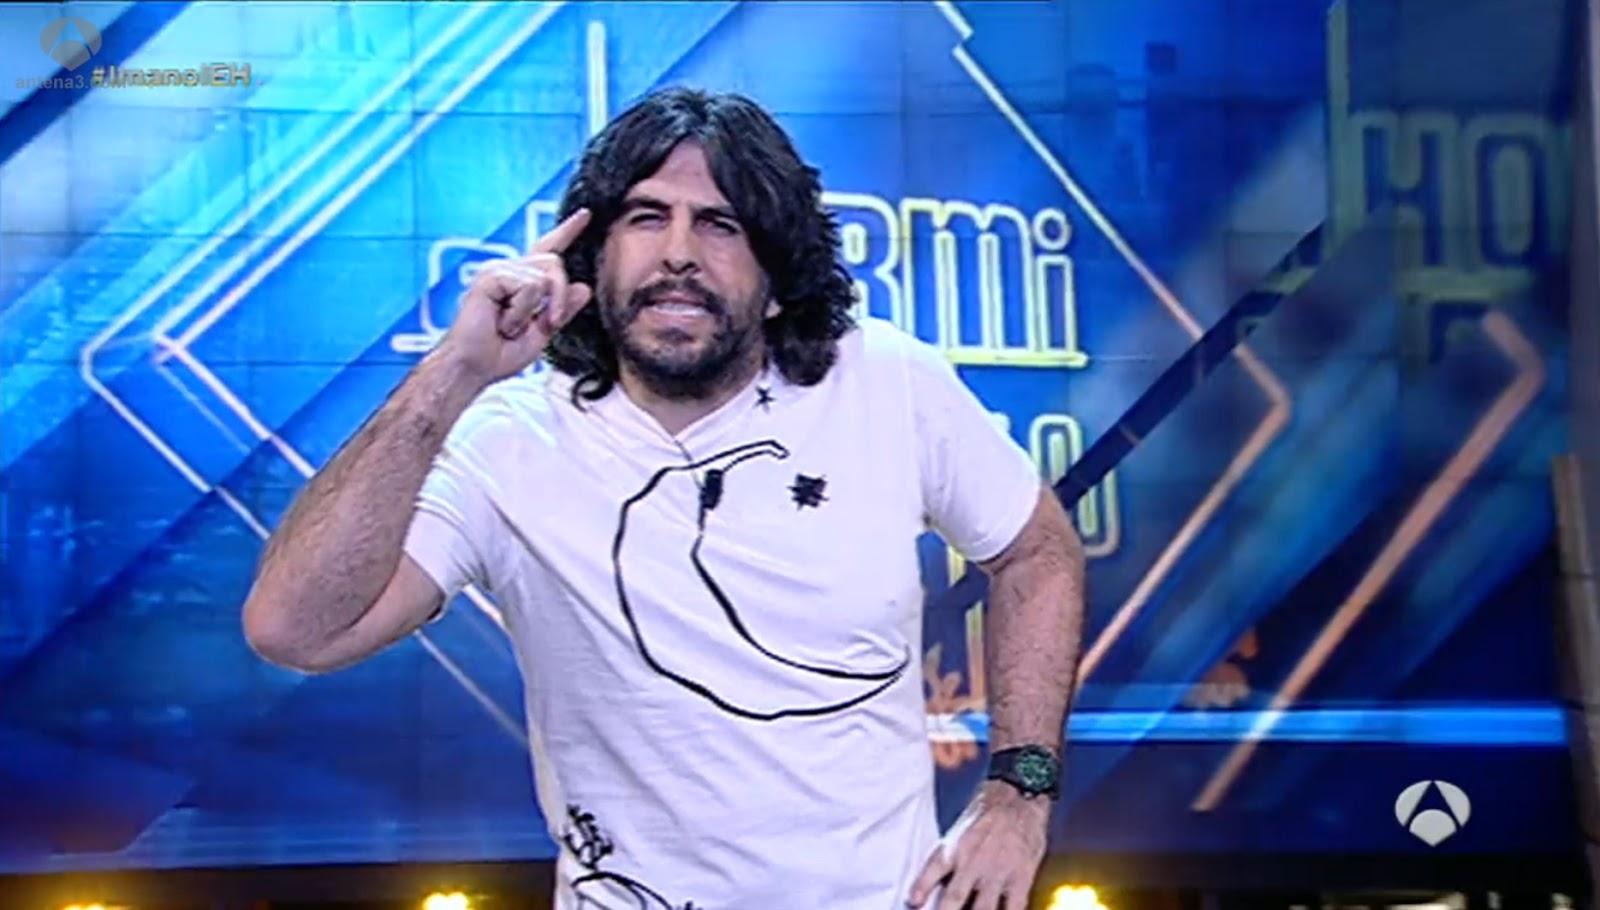 JJ Vaquero con su camiseta ecológica de Bichobichejo en el Hormiguero de Antena 3